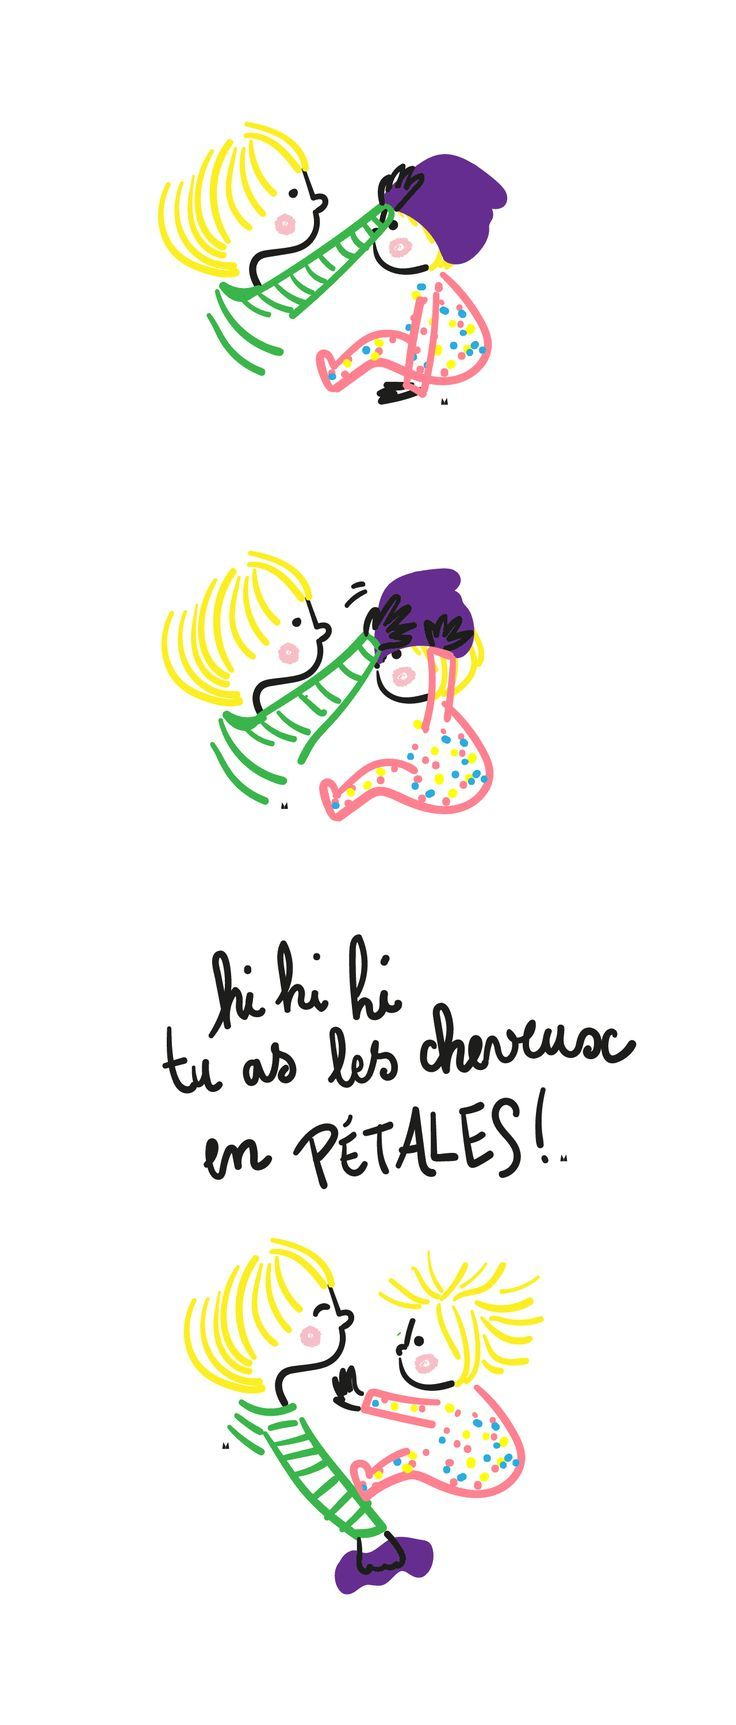 """#motdenfantillustré ou {frian}dise illustrée —  """"Les cheveux en pétard"""" - mot d'enfant illustré par Myzotte."""